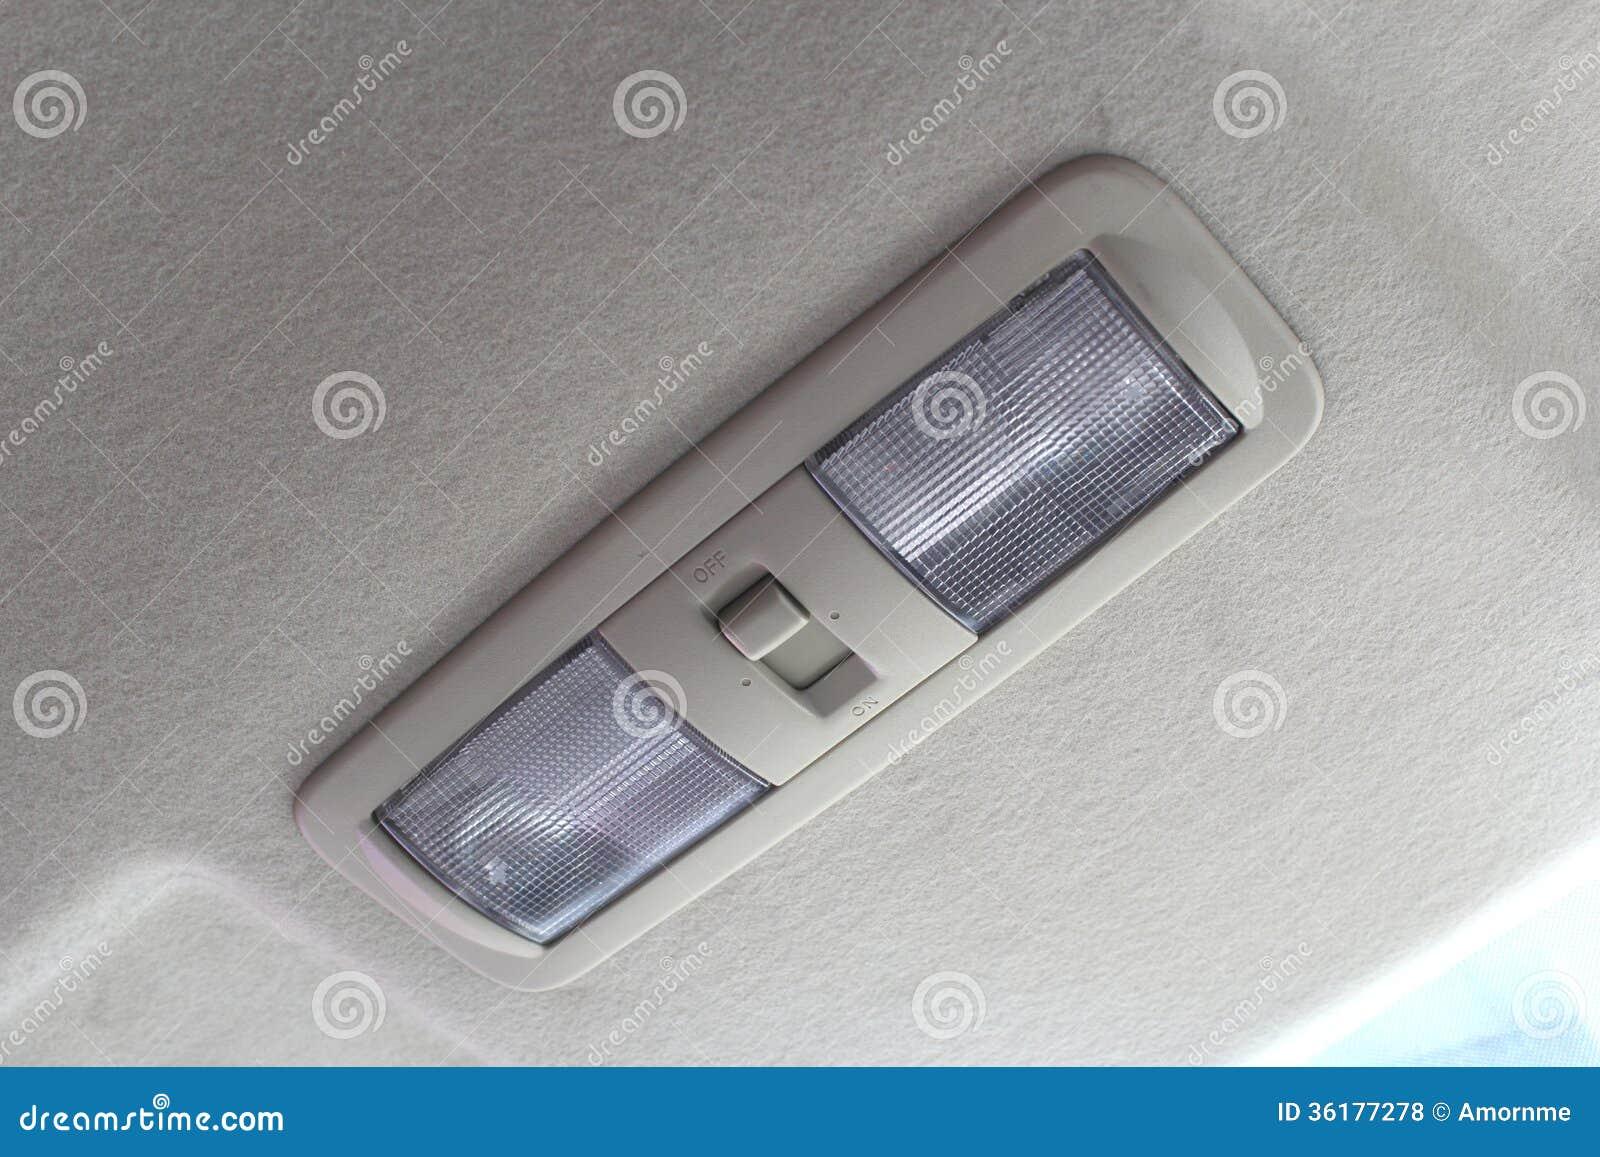 Car Ceiling Light: Car ceiling lamp.,Lighting